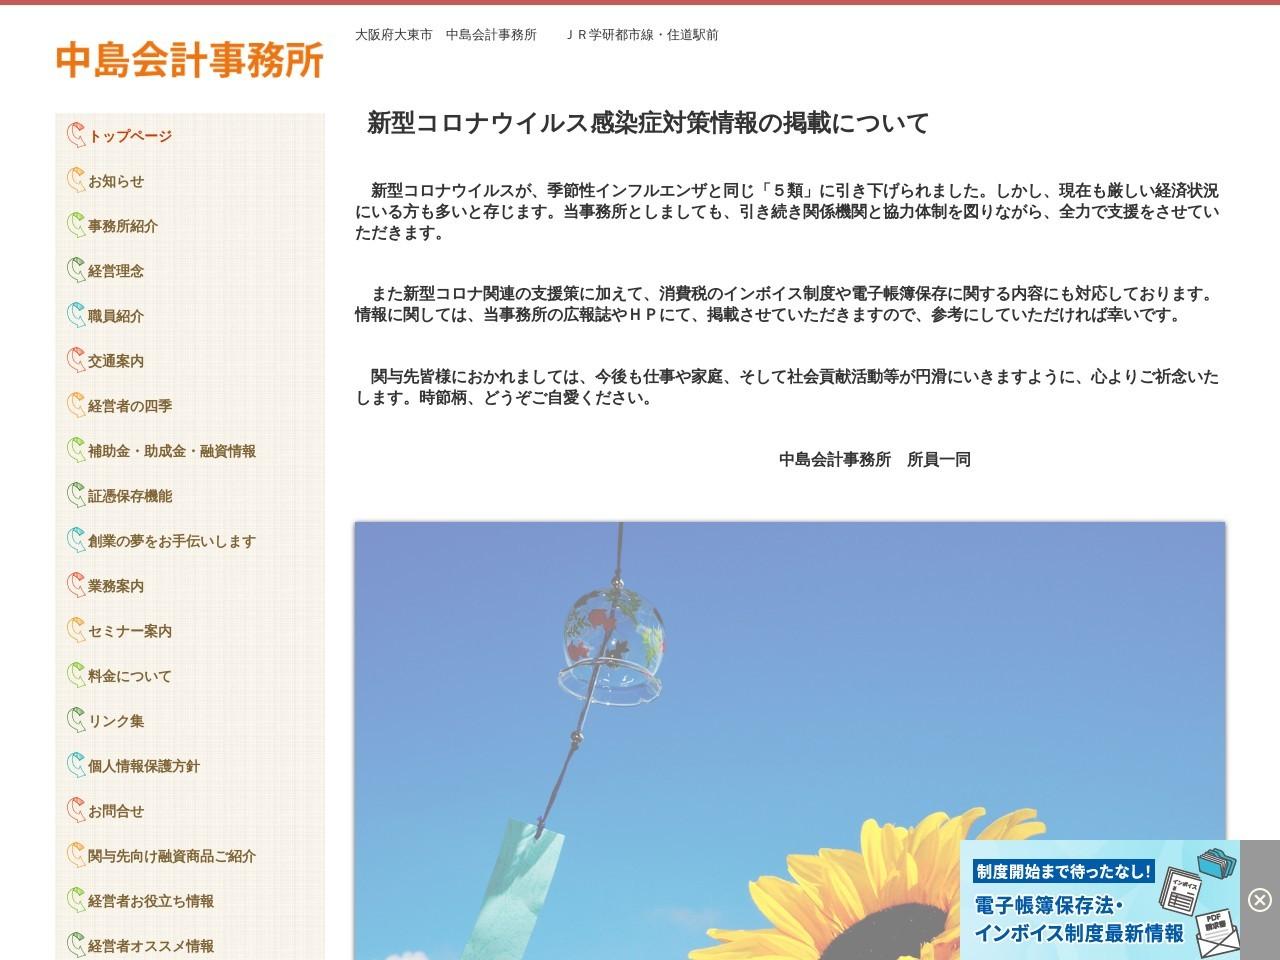 中島会計事務所